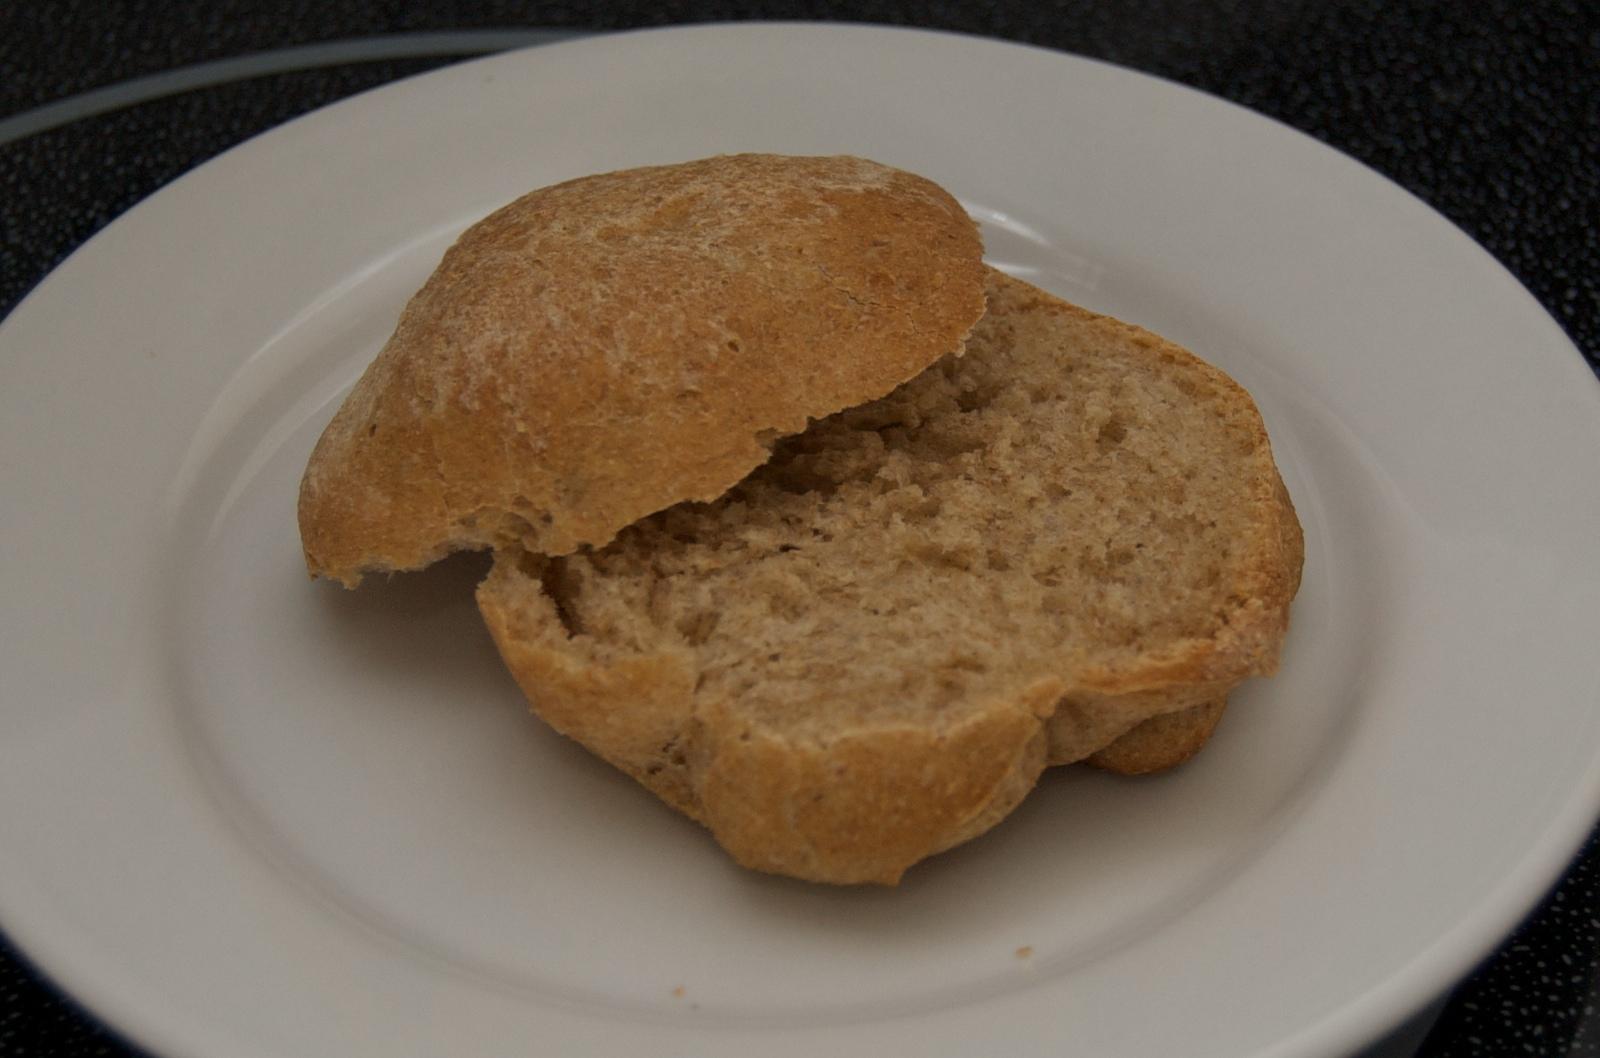 http://blog.rickk.com/food/2010/01/31/bread5.jpg